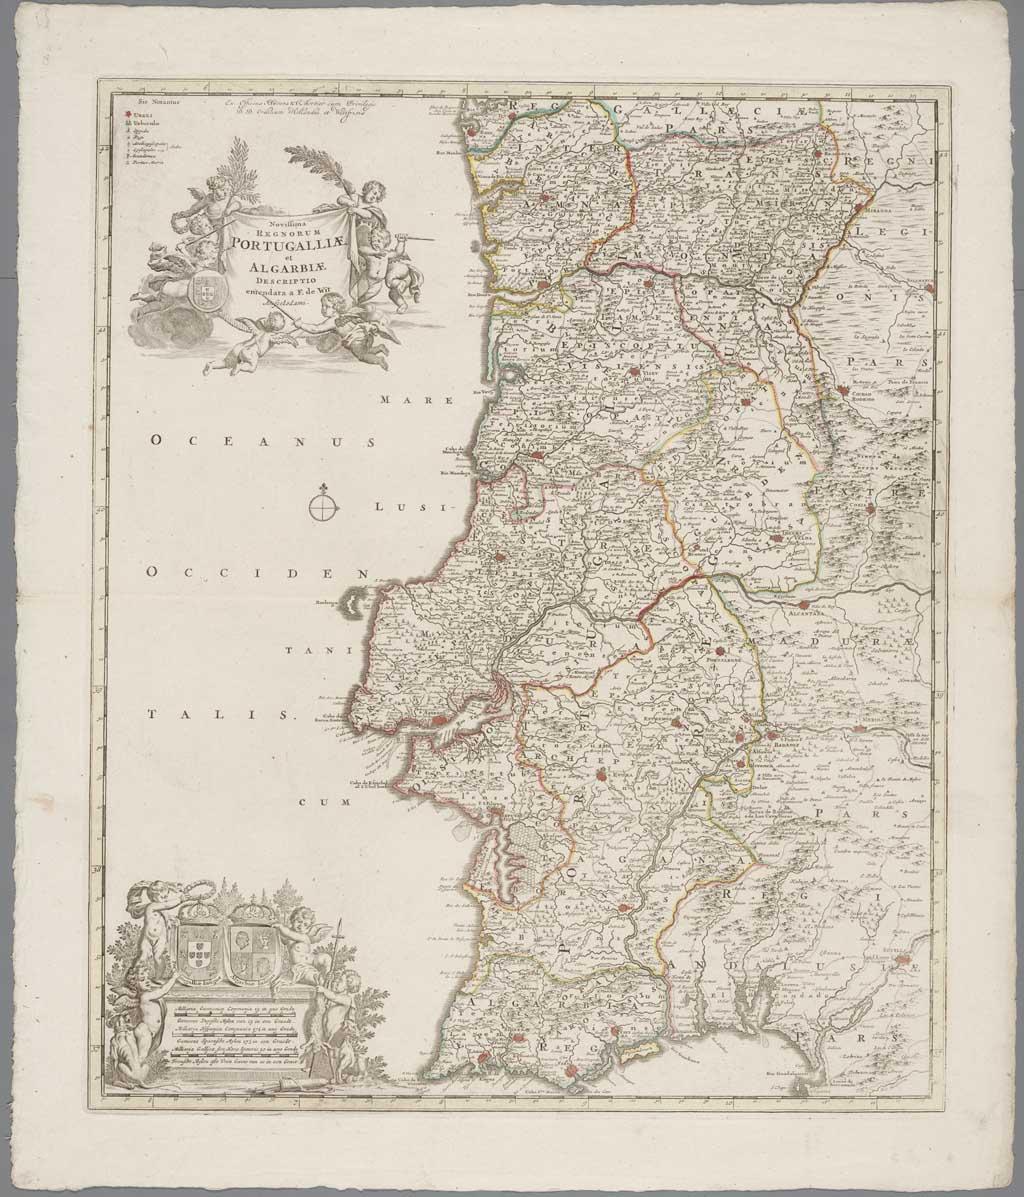 Novissima Regnorum Portugalliae et Algarbiae